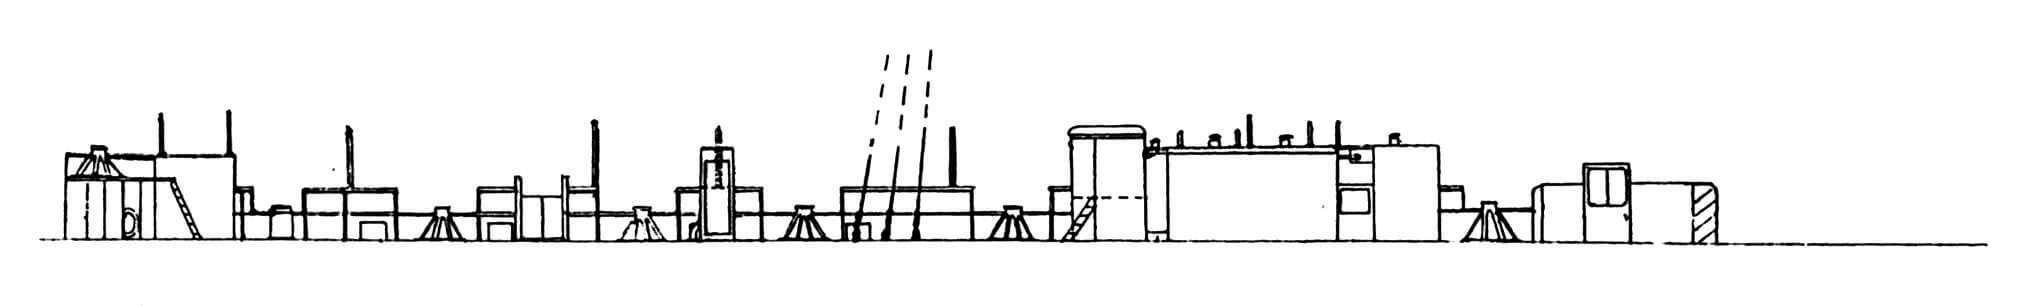 Вид на левый борт надстройки со стороны диаметральной плоскости